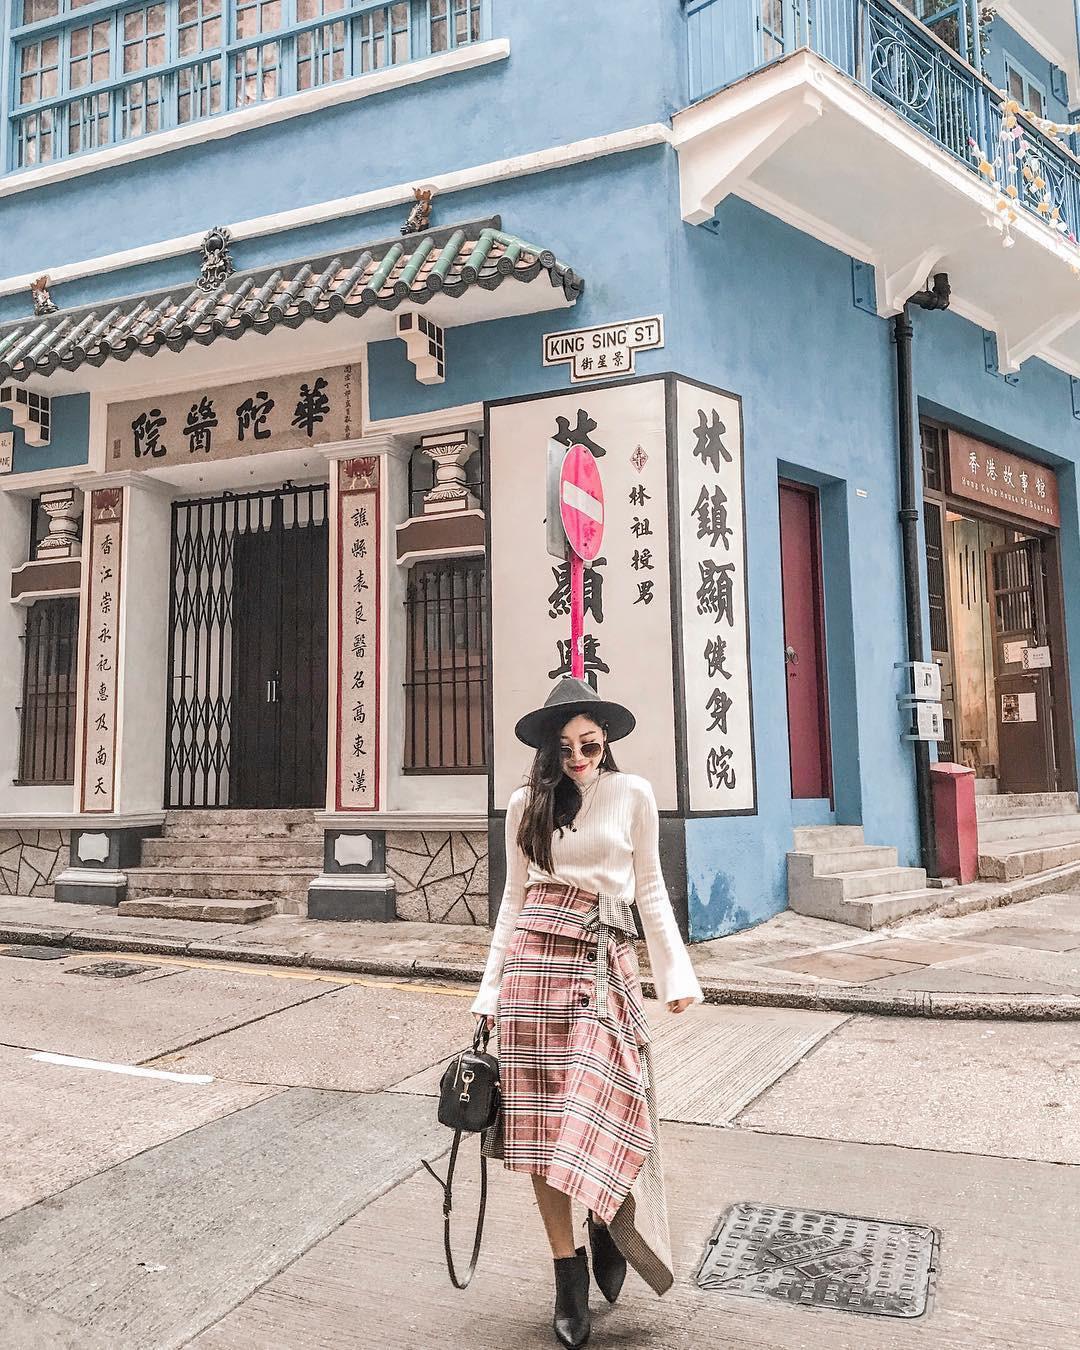 Bỏ túi ngay 8 điểm 'sống ảo' nổi tiếng ở Hong Kong, vị trí thứ 2 hot đến nỗi còn lọt vào top được check-in nhiều nhất trên Instagram! - Ảnh 19.